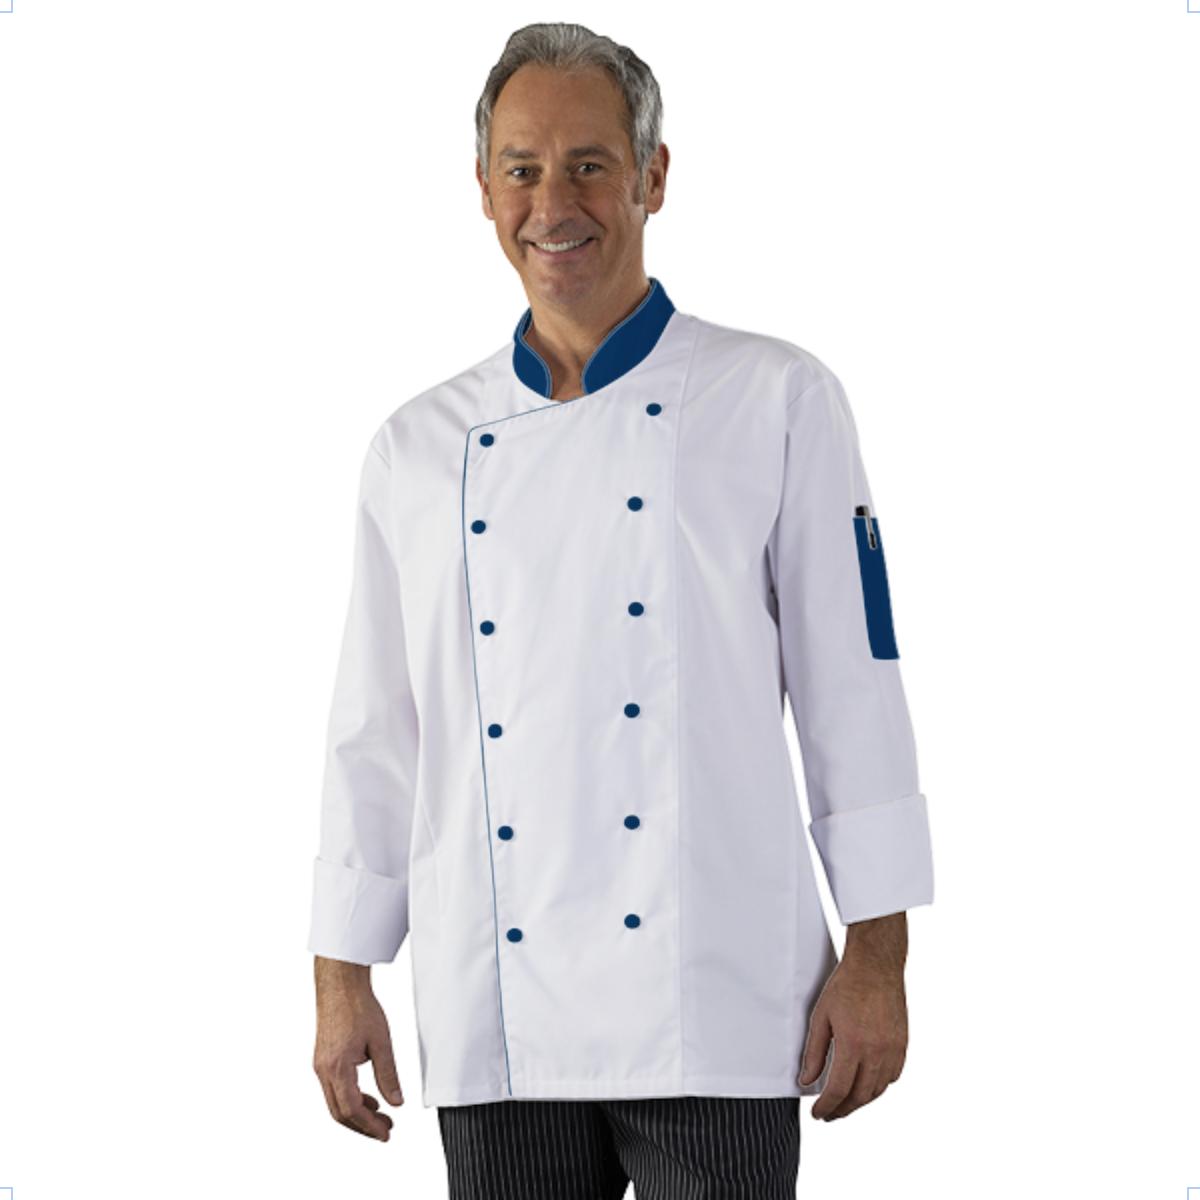 Personnalisation Veste De Cuisine Homme A Personnaliser Boutons - Veste de cuisine personnalisée